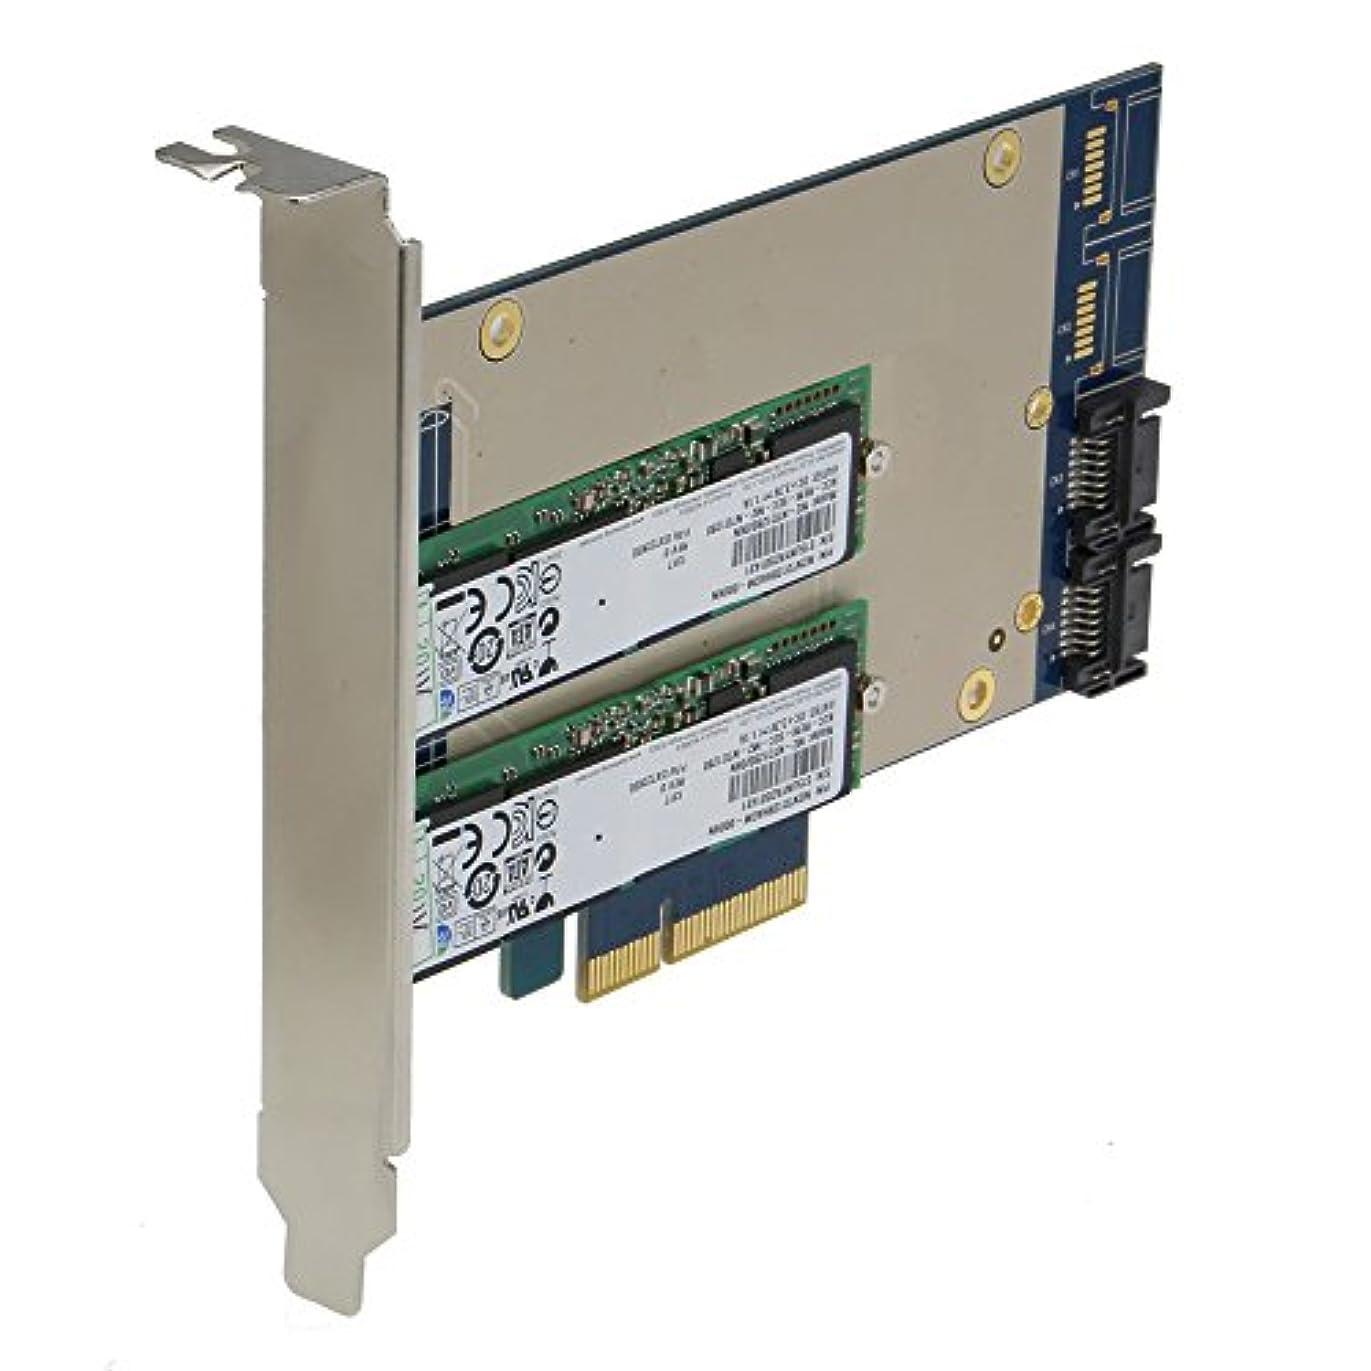 偽善者透過性コンソールSEDNA – PCIEデュアルM。2 SSD SATA 6 G 4ポートRaidアダプタwith HyoperDuoハードディスク加速度関数(SSD not included)